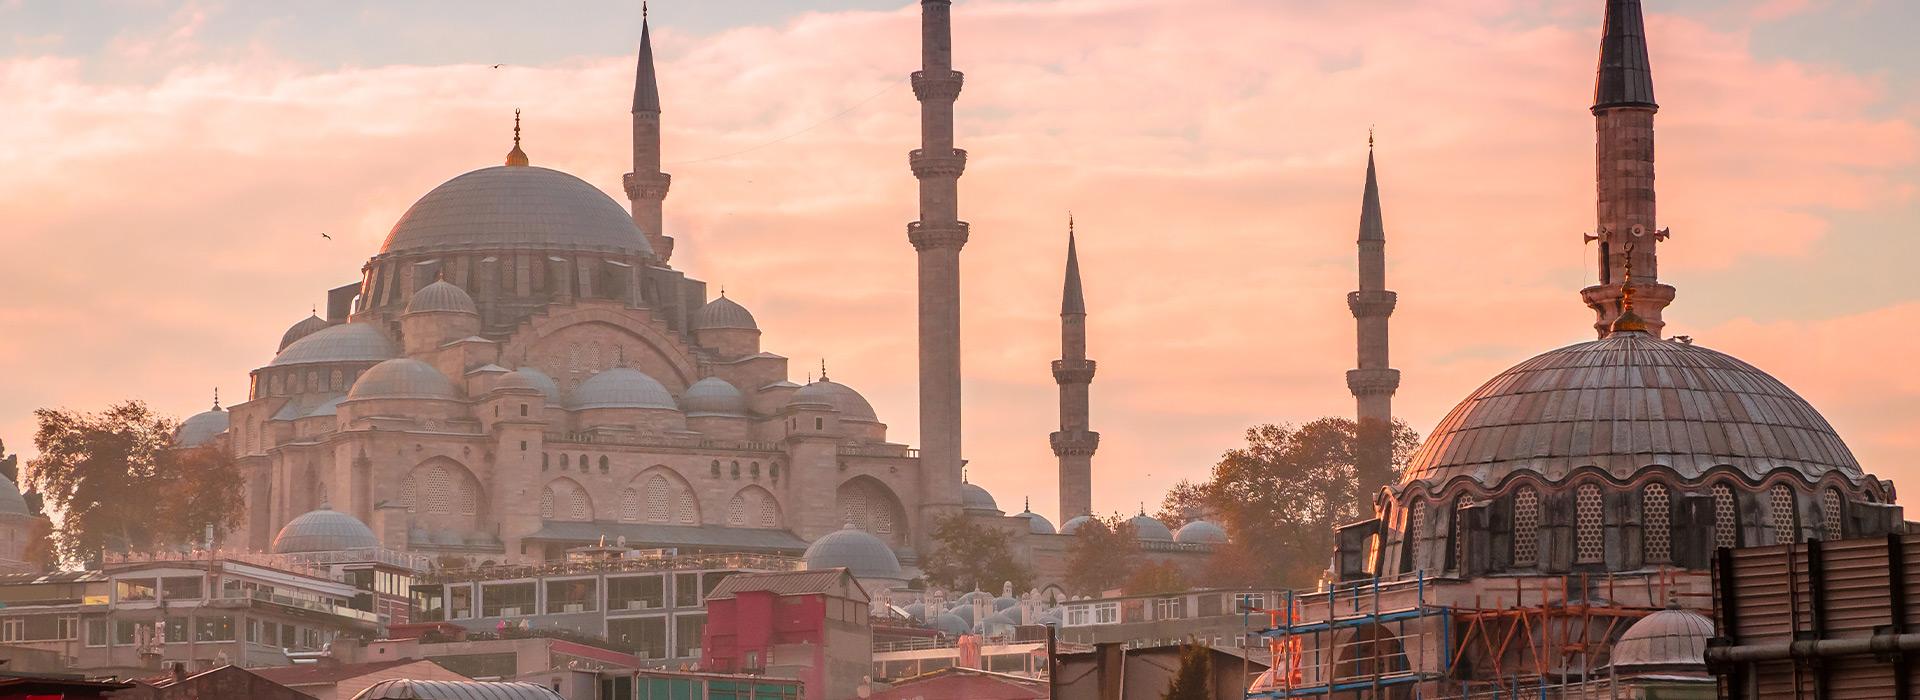 Reisen nach Türkei - Individuelle Reisen nach Türkei - Harry Kolb AG - Tourismus